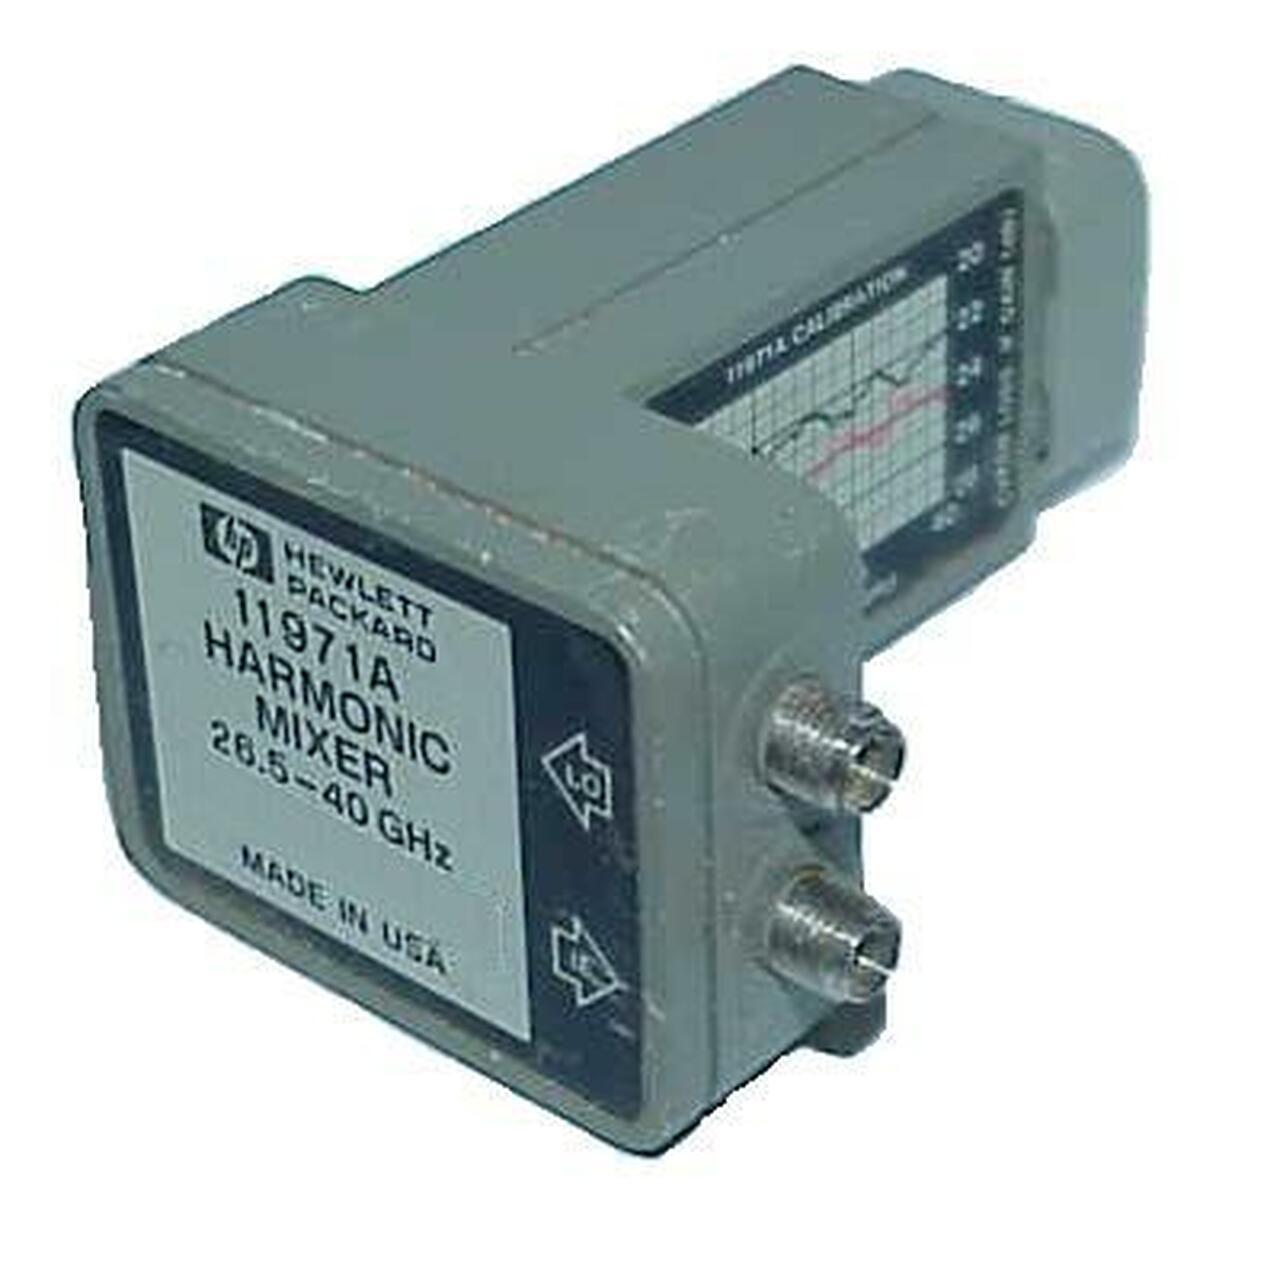 Agilent 11971A Mixer